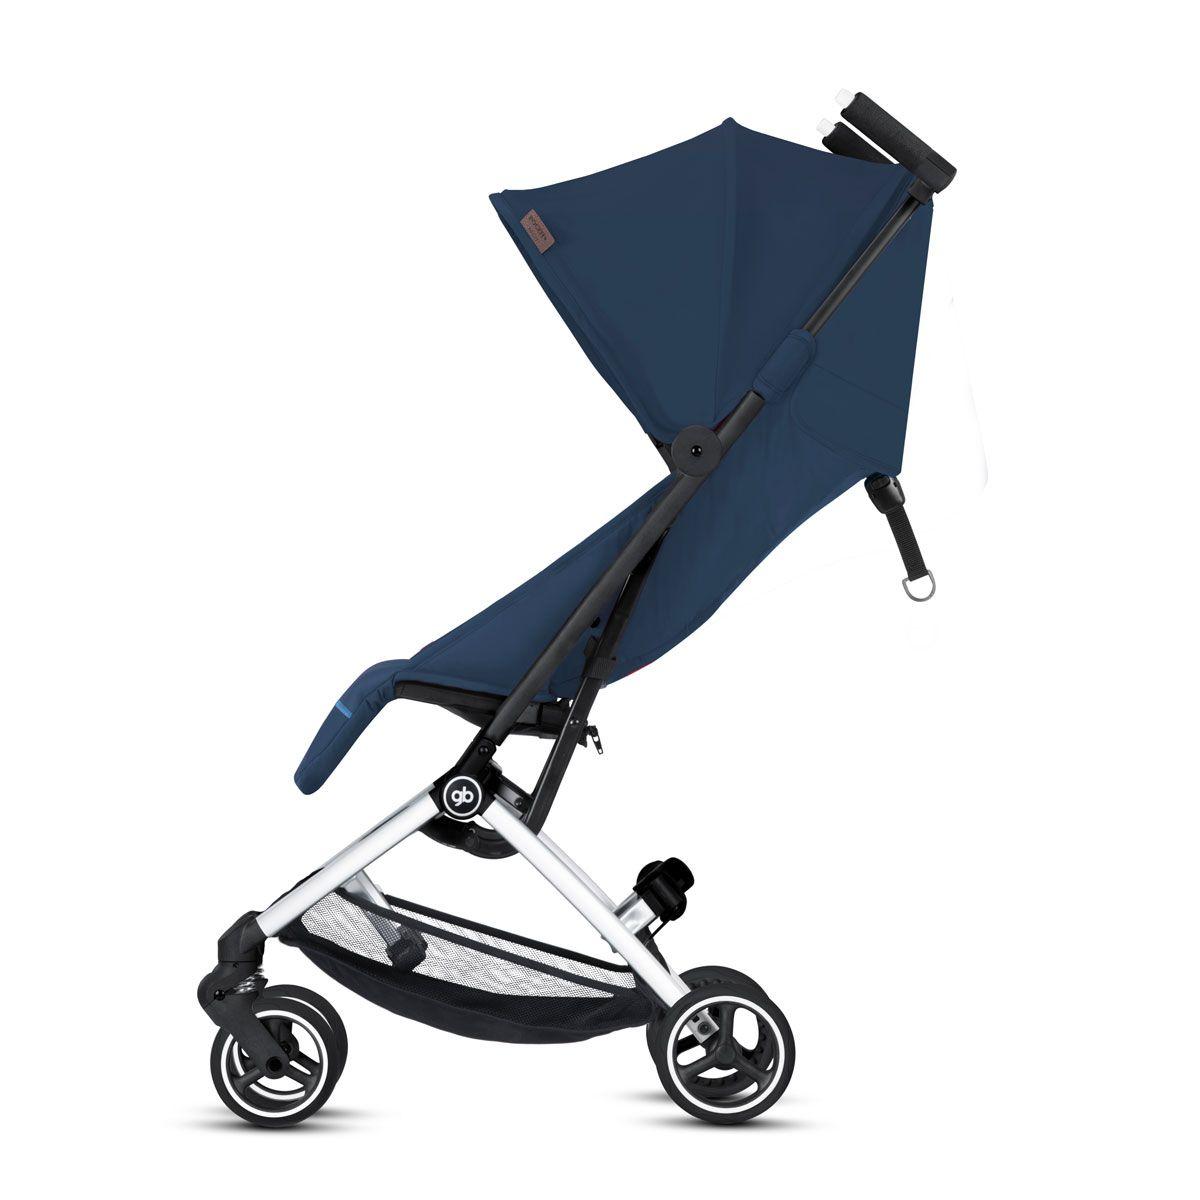 Gb Strollers Canada - Stroller